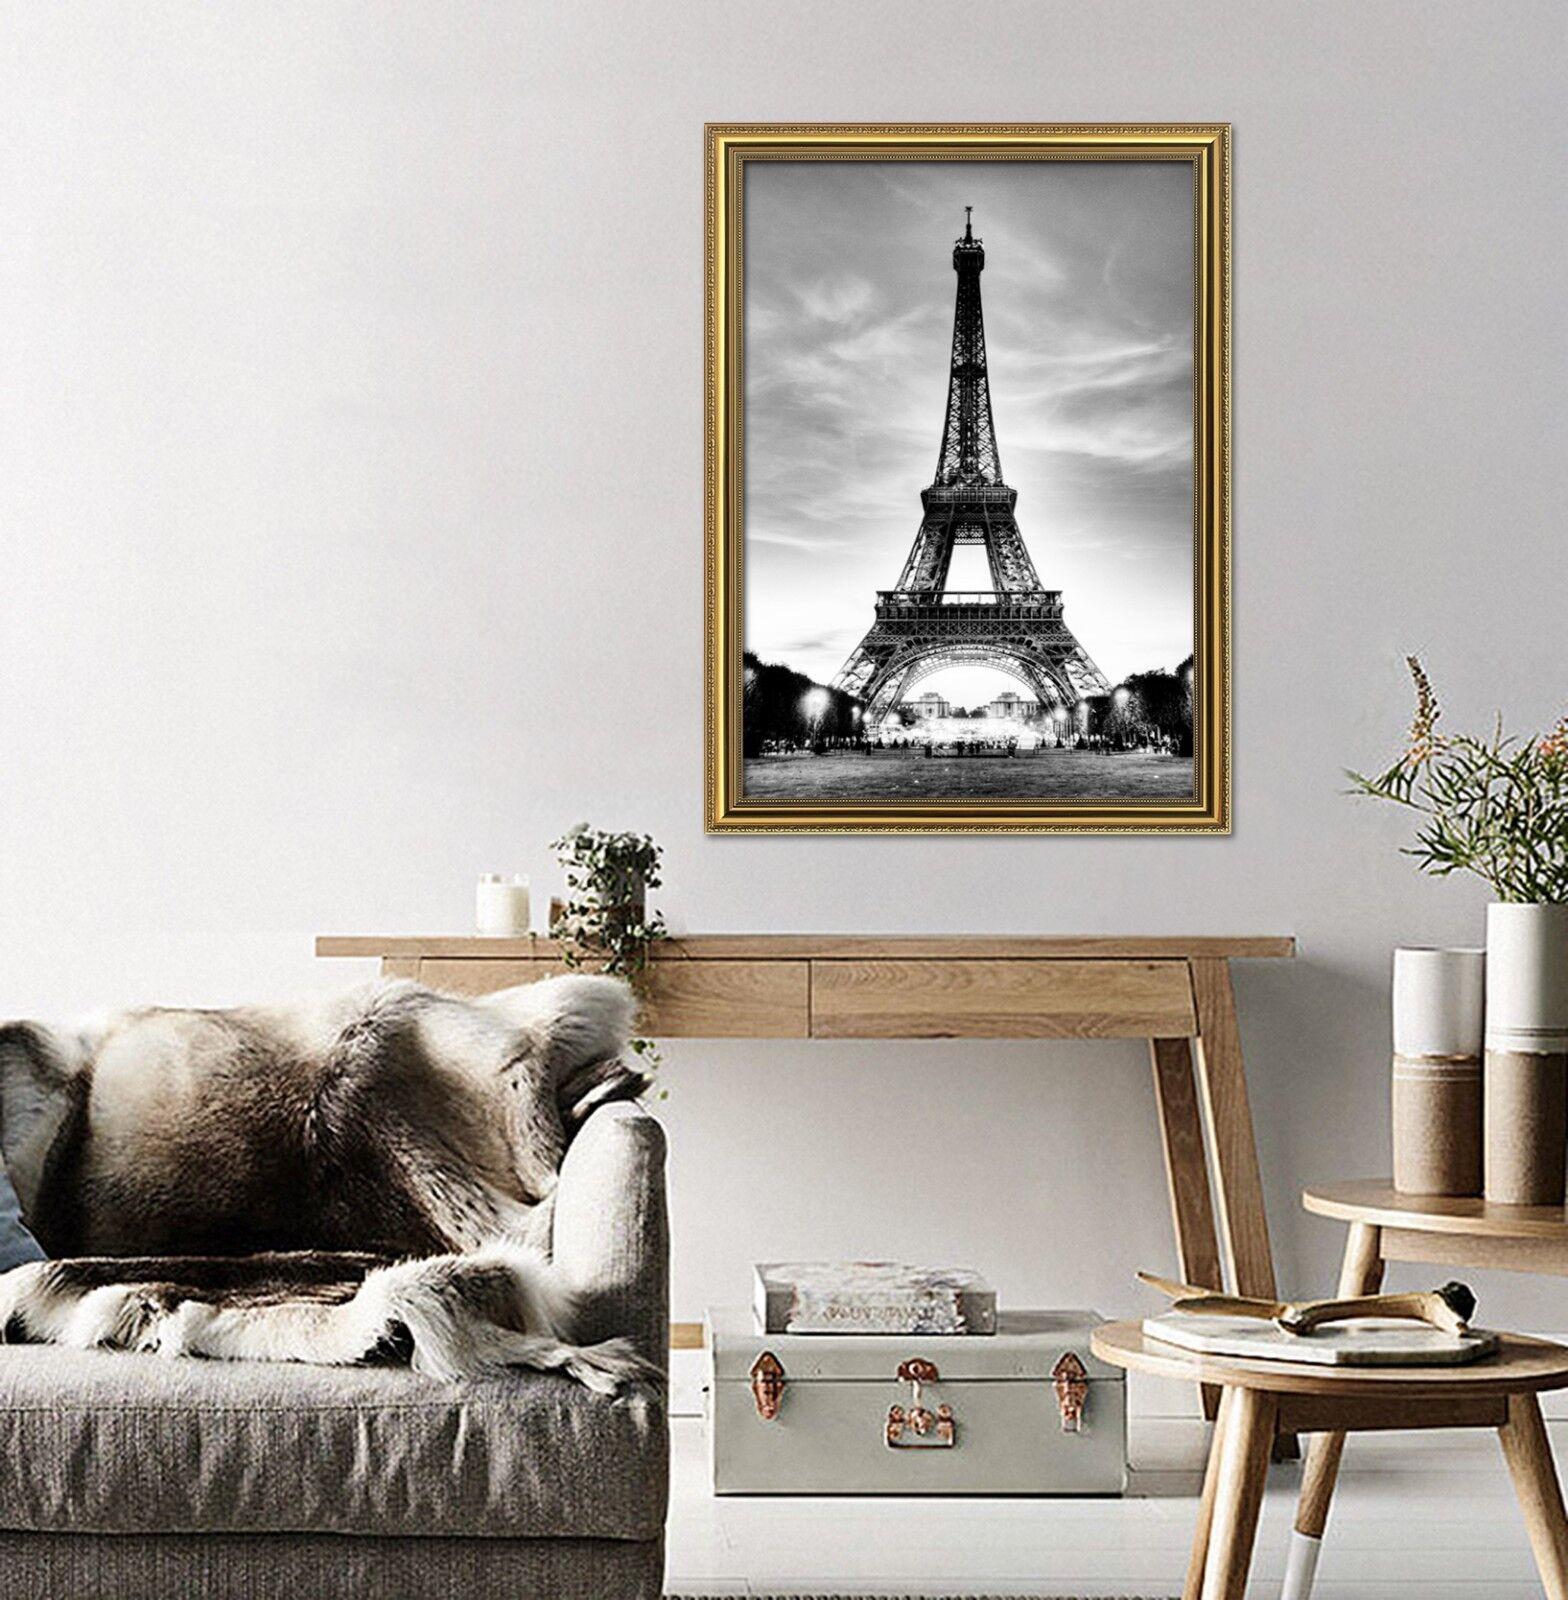 3D Torre Eiffel gris 22 Póster Enmarcado Decoración del Hogar Pintura de Impresión Arte AJ Wallpaper